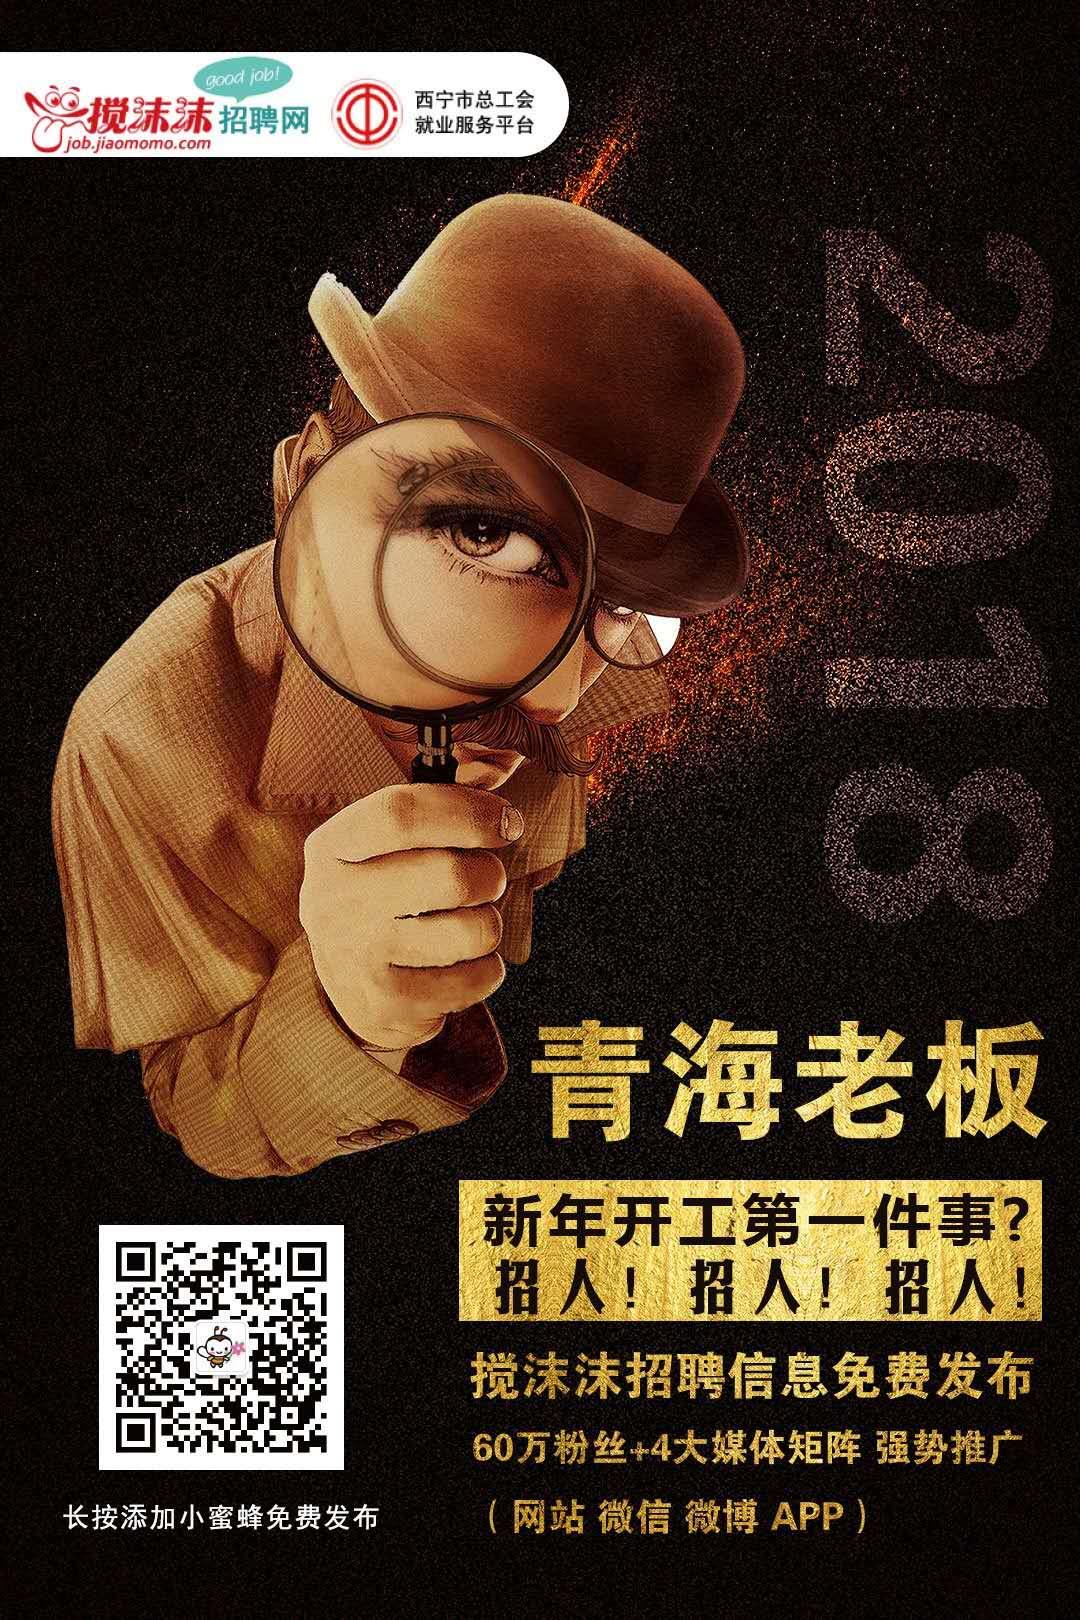 中国特检院青海技术中心招聘15人简章